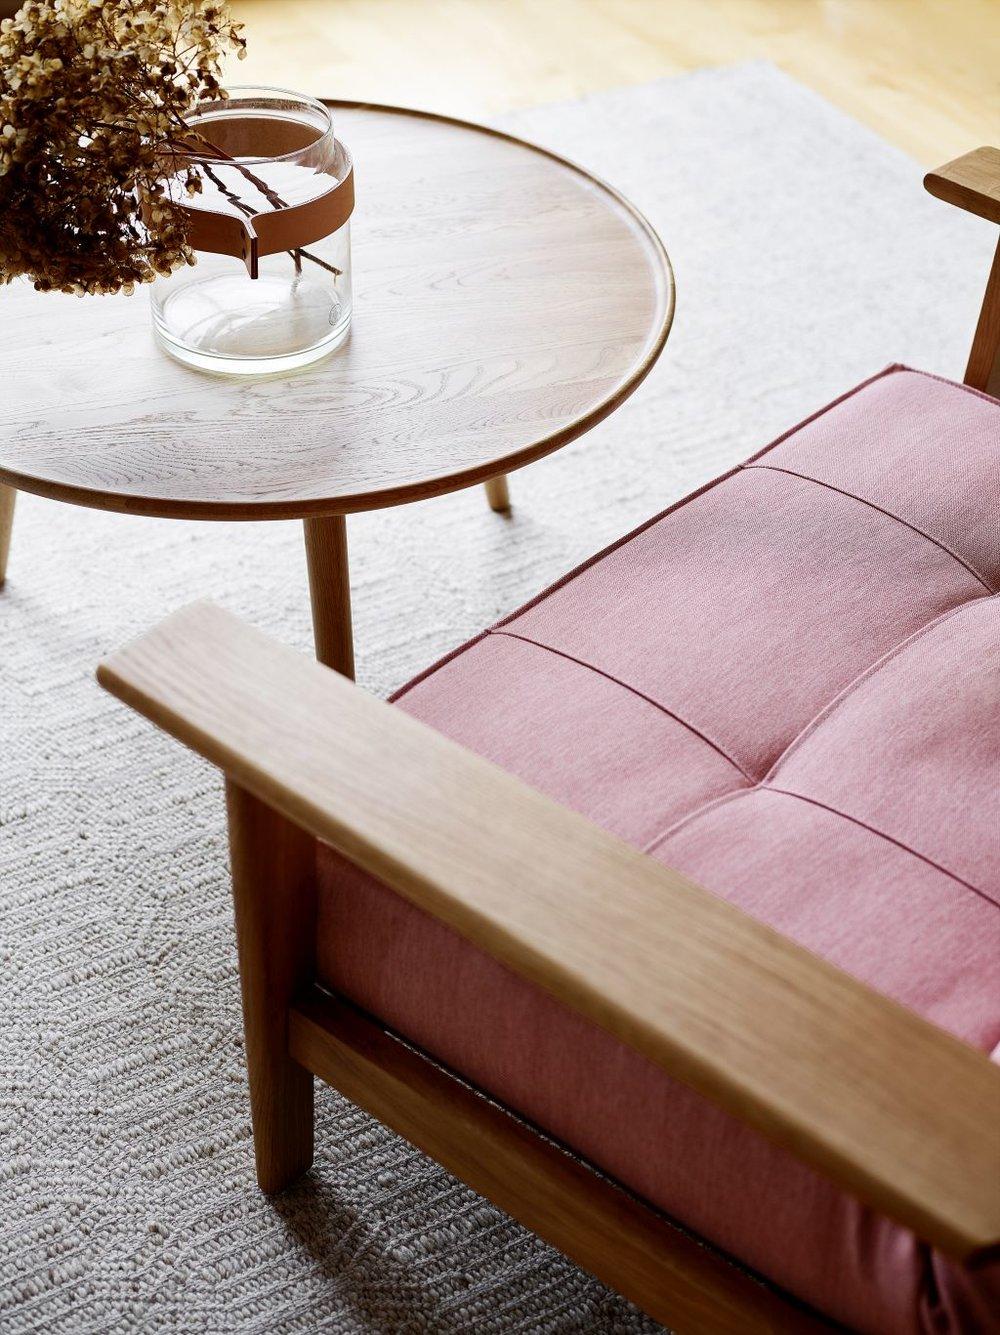 interior-anna-koponen-05 p.jpg